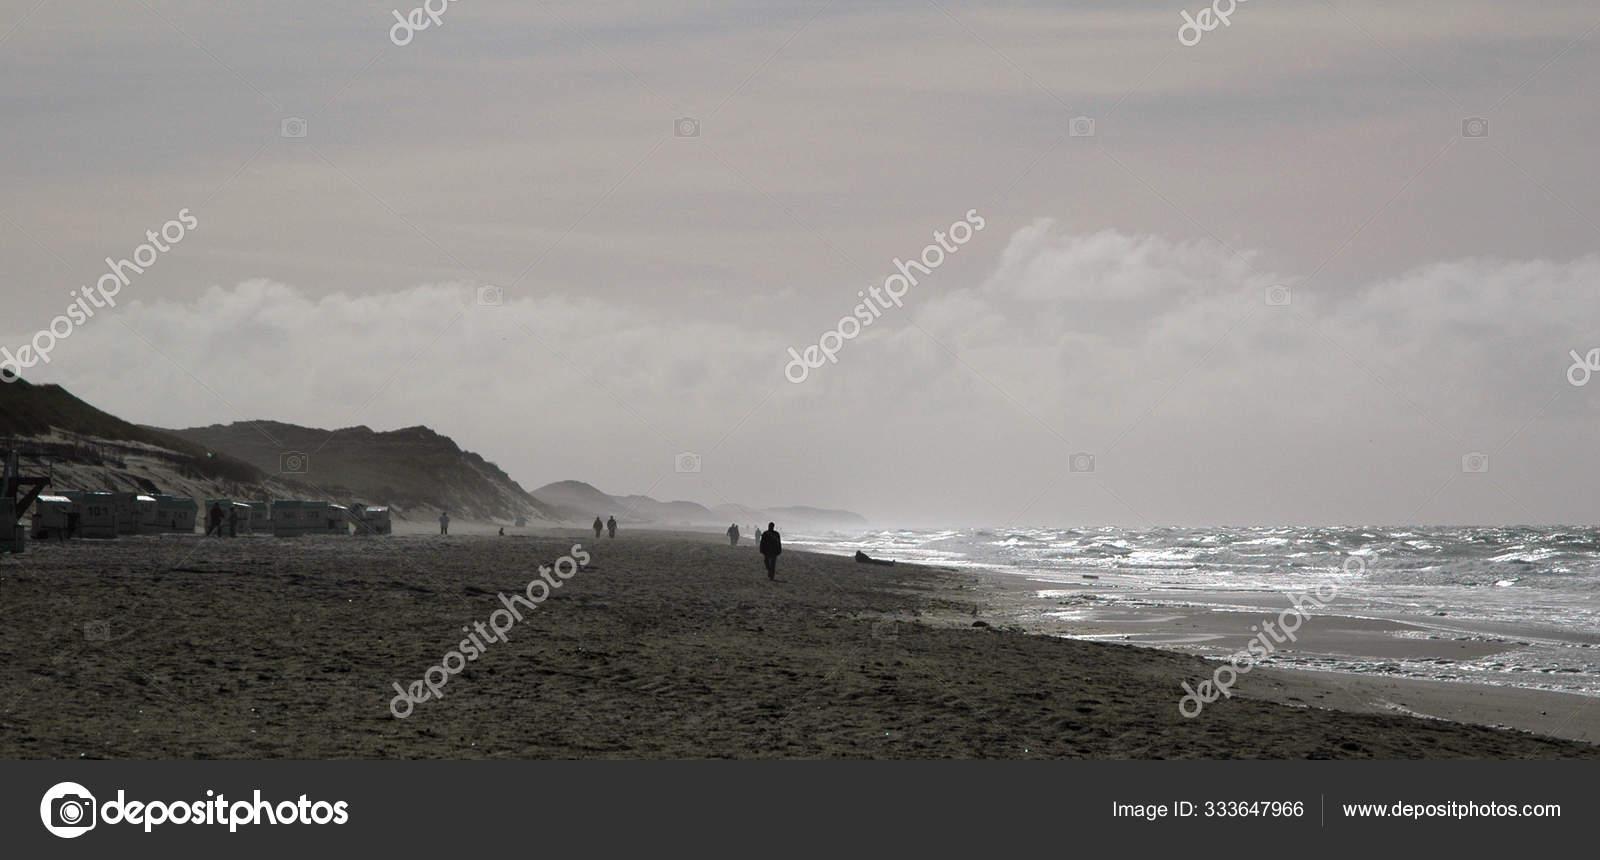 Seorang Pria Dalam Hitam Dan Putih Pantai Stok Foto C Panthermediaseller 333647966